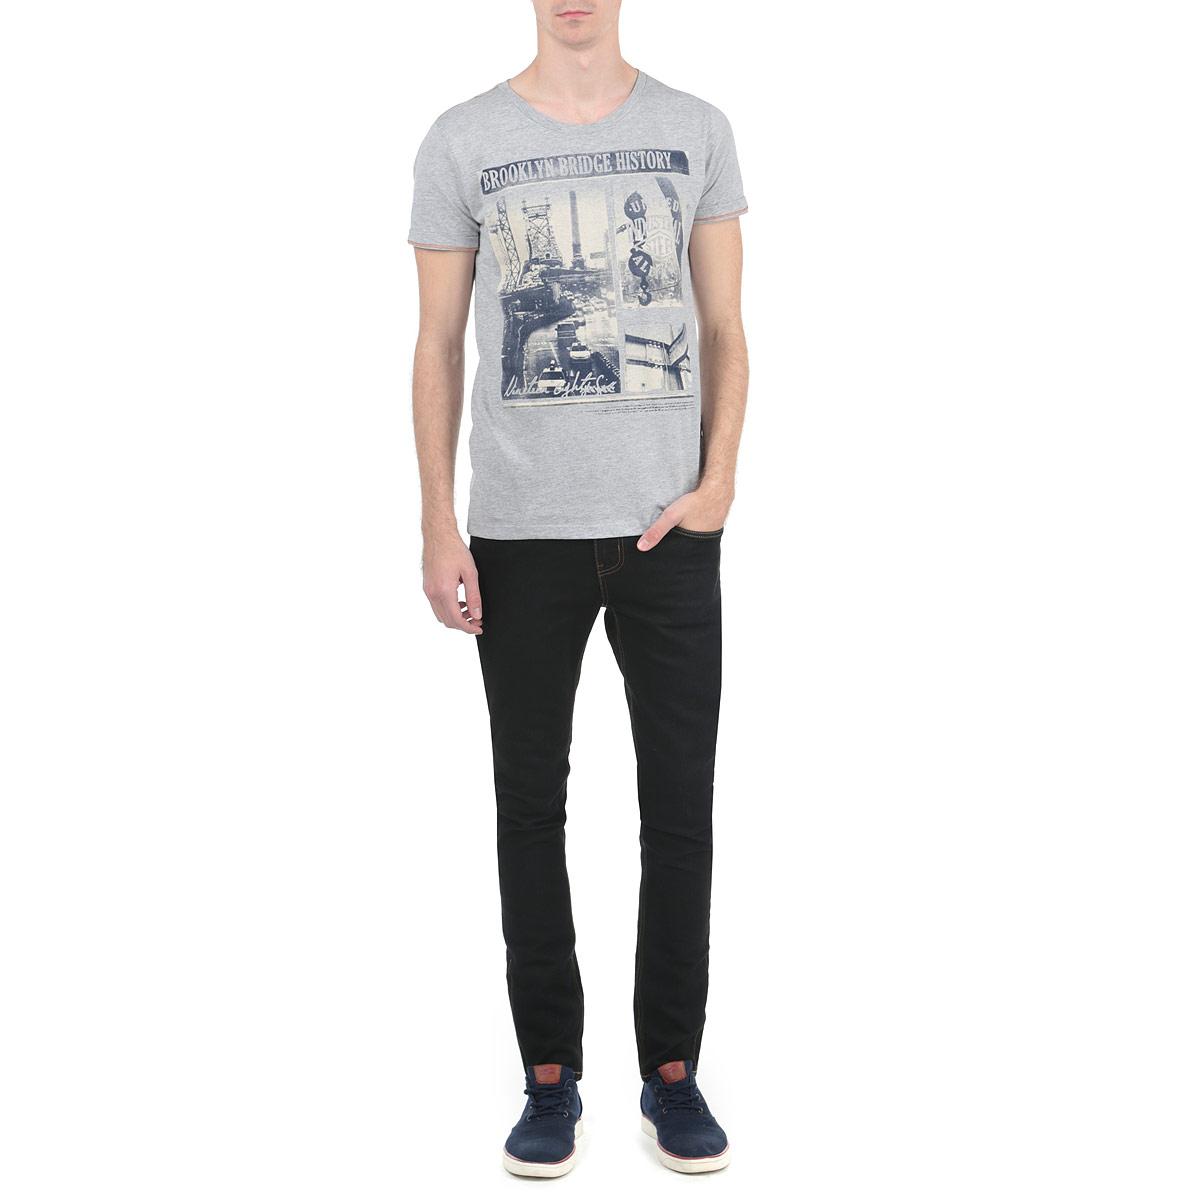 Футболка10153005_02AСтильная мужская футболка Broadway, выполненная из высококачественного трикотажного материала, обладает высокой воздухопроницаемостью и гигроскопичностью, позволяет коже дышать. Модель с короткими рукавами и круглым вырезом горловины спереди оформлена фотопринтом и надписями. Эта футболка - идеальный вариант для создания эффектного образа.